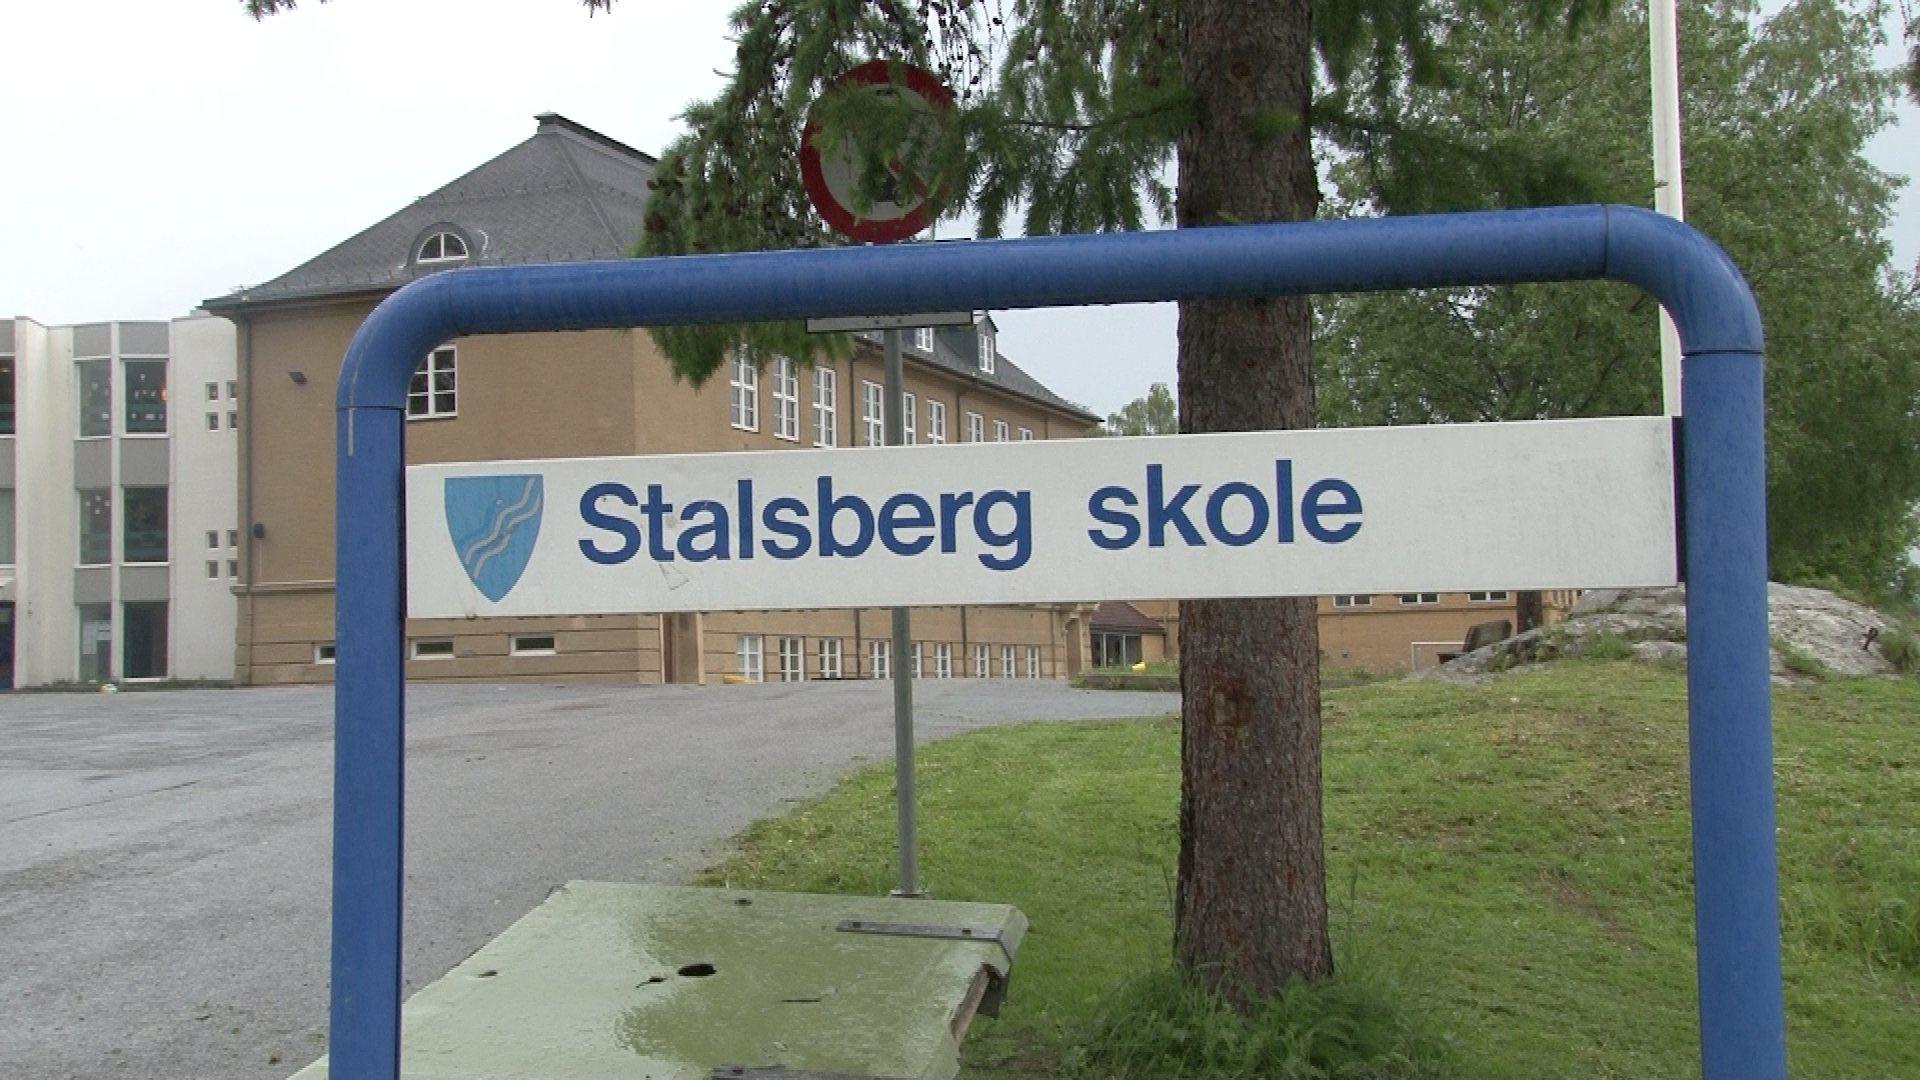 Stalsberg elev smittet